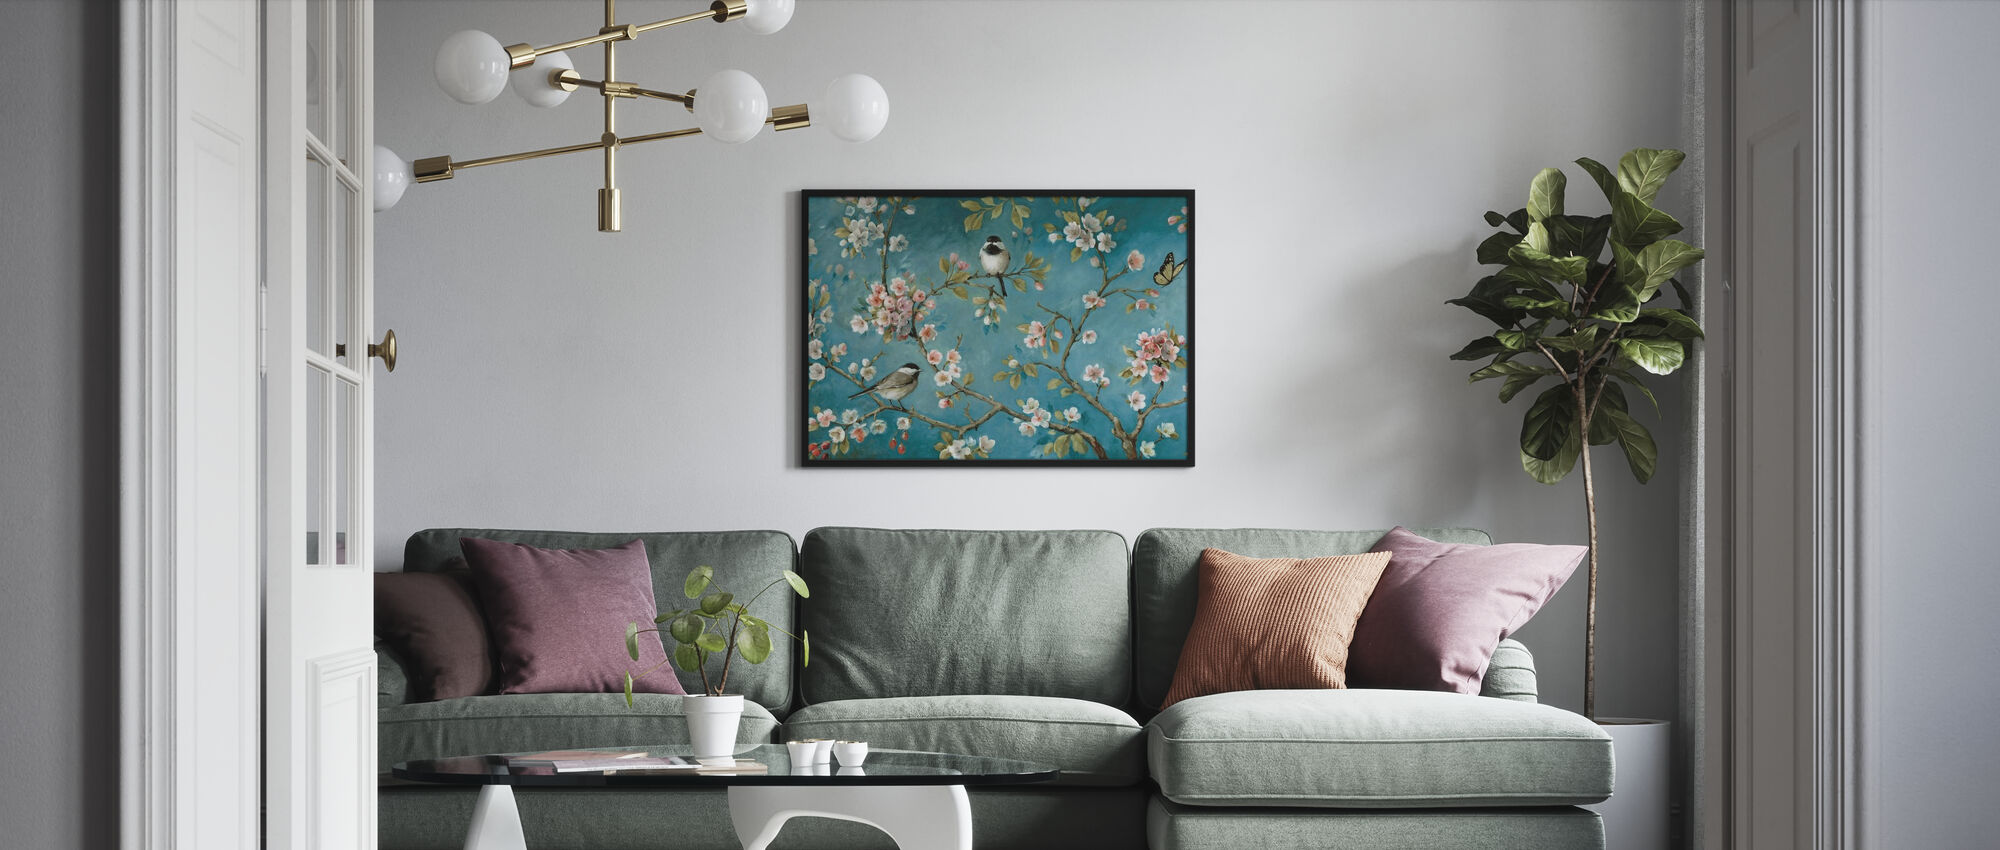 Blomma - Inramad tavla - Vardagsrum